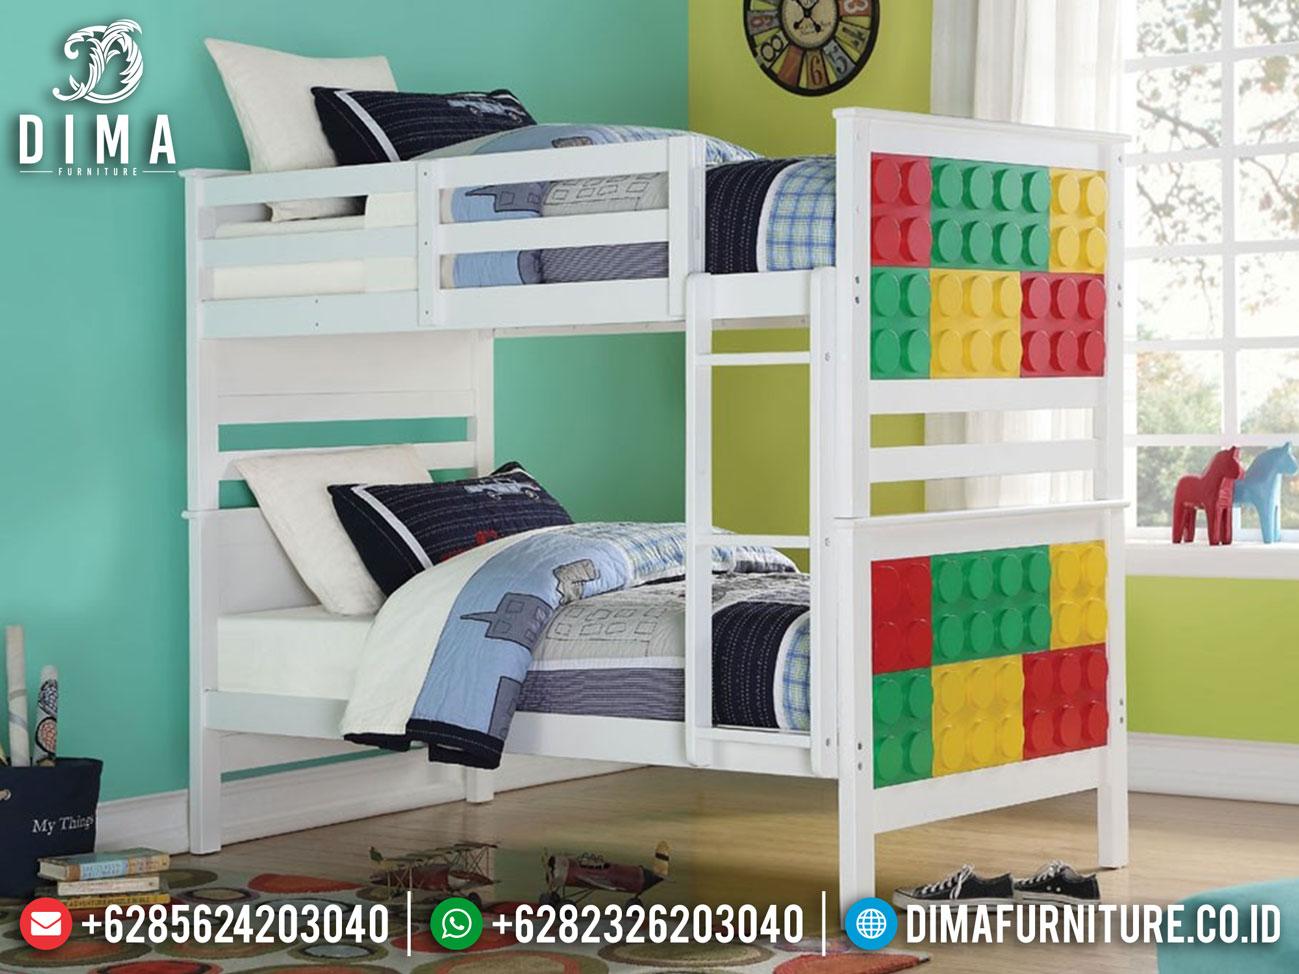 Desain Lego Tempat Tidur Anak Tingkat Minimalis Grade A Solid Wood Mm-0838